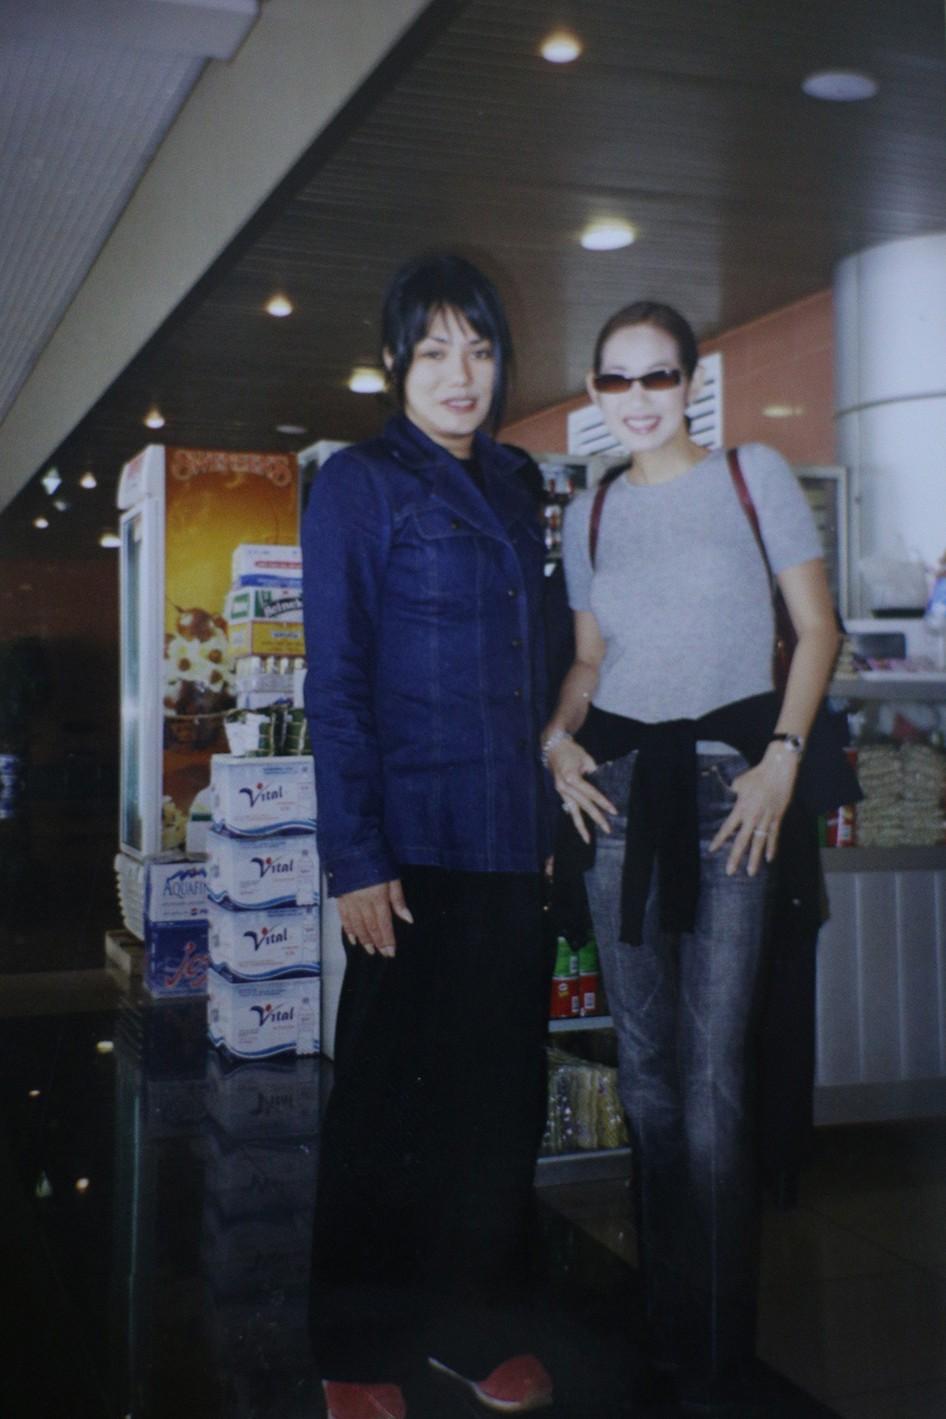 Cindy Thái Tài đau đớn kể về câu chuyện bị người ngoài bạo hành, gia đình chưa bao giờ hết kì thị - Ảnh 7.